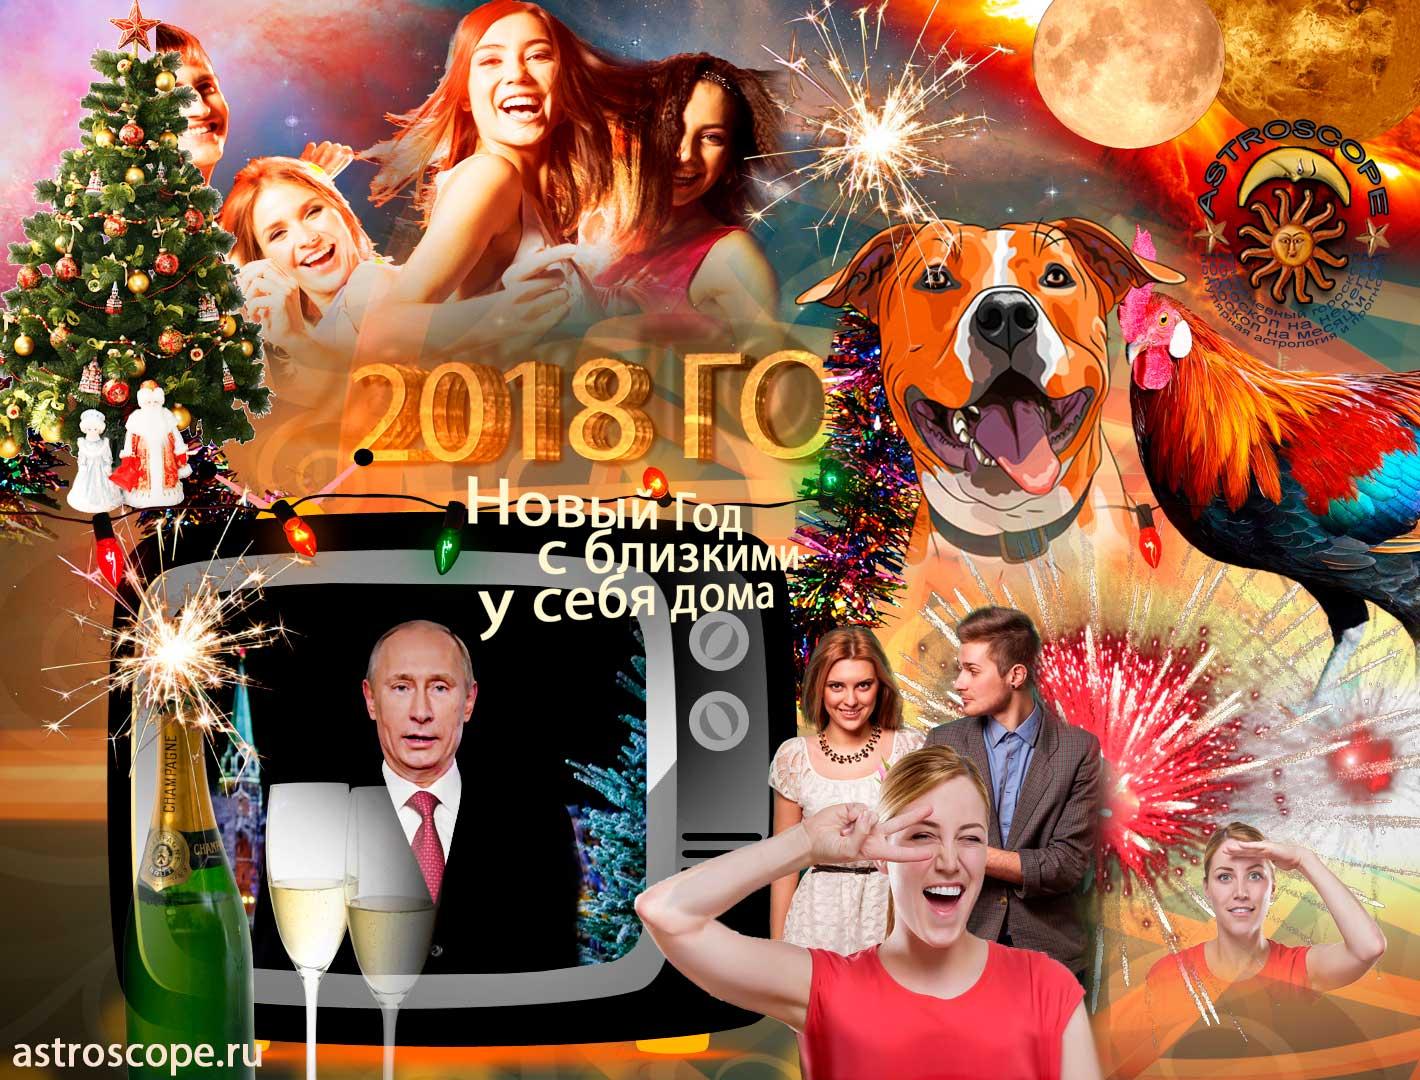 Как правильно встретить новый 2018 год